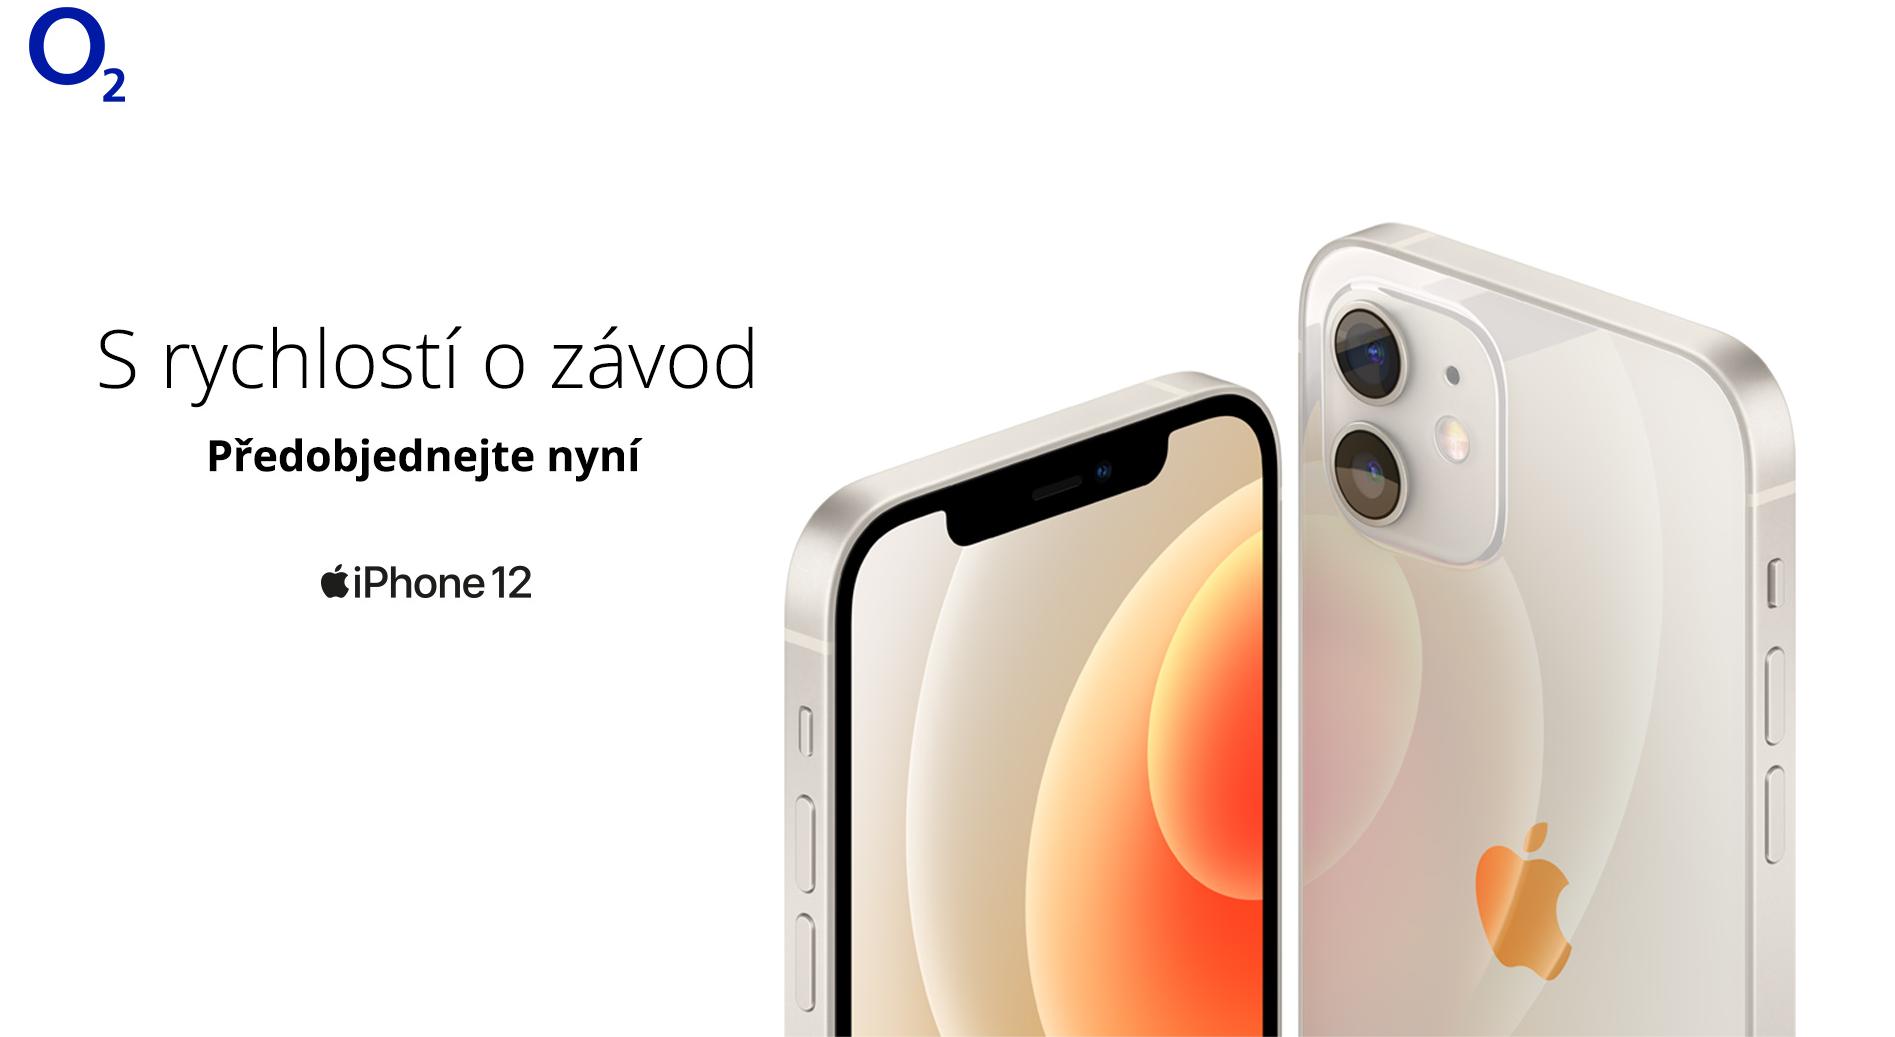 O2 zahájilo ppředobjednávky nových iPhonů 12